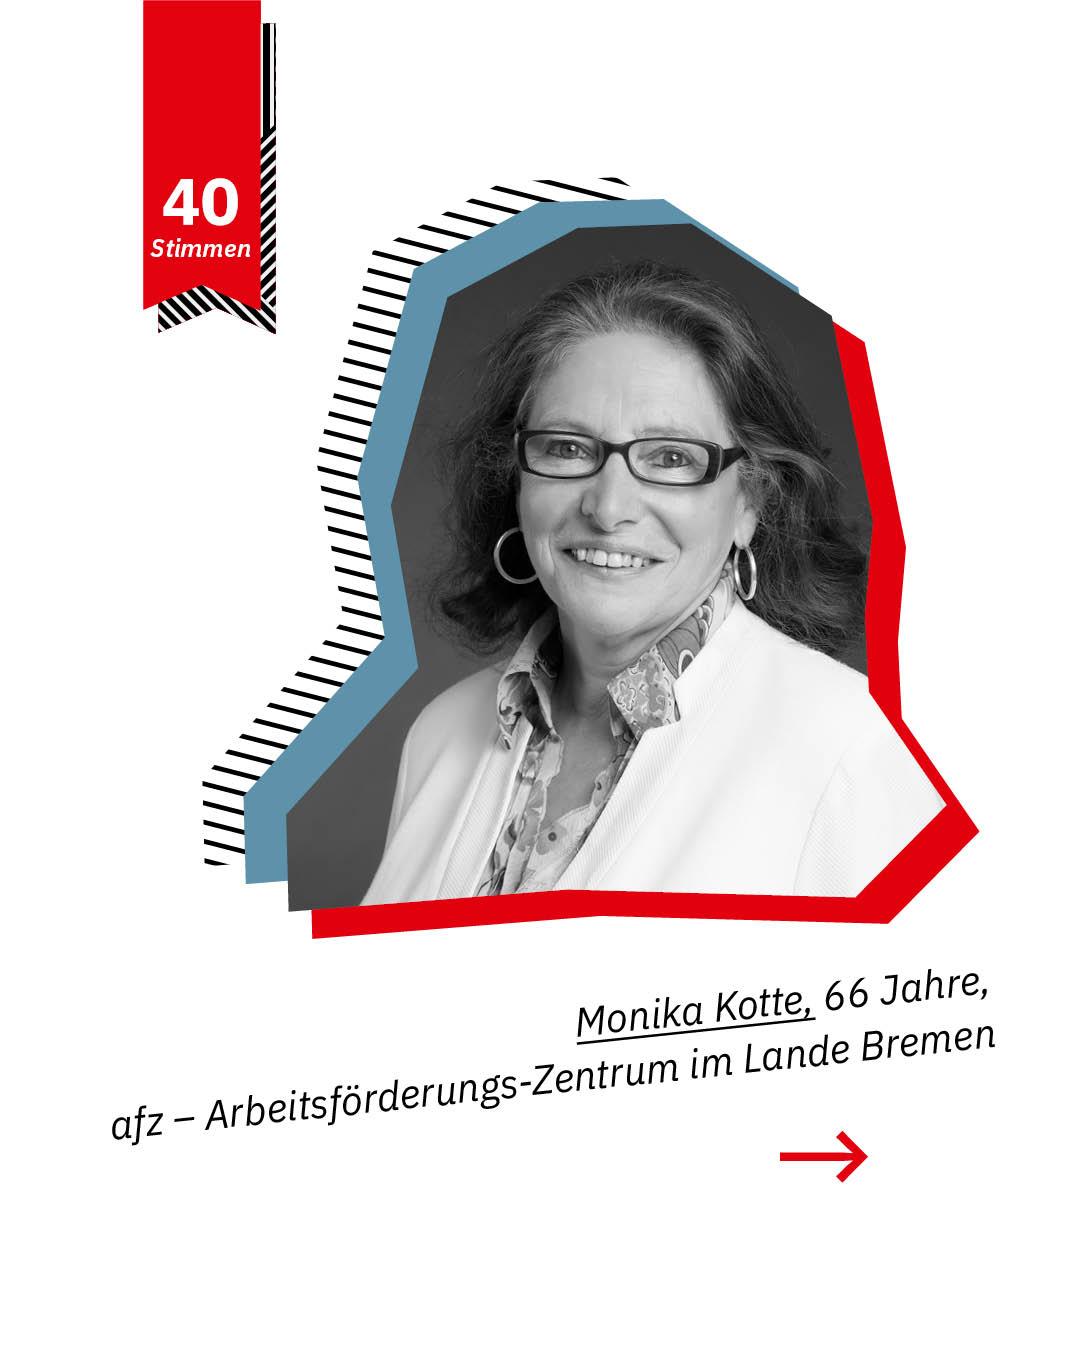 Statement 40 Jahre Gleichberechtigung, Monika Kotte, afz-Arbeitsförderungs-Zentrum im Lande Bremen